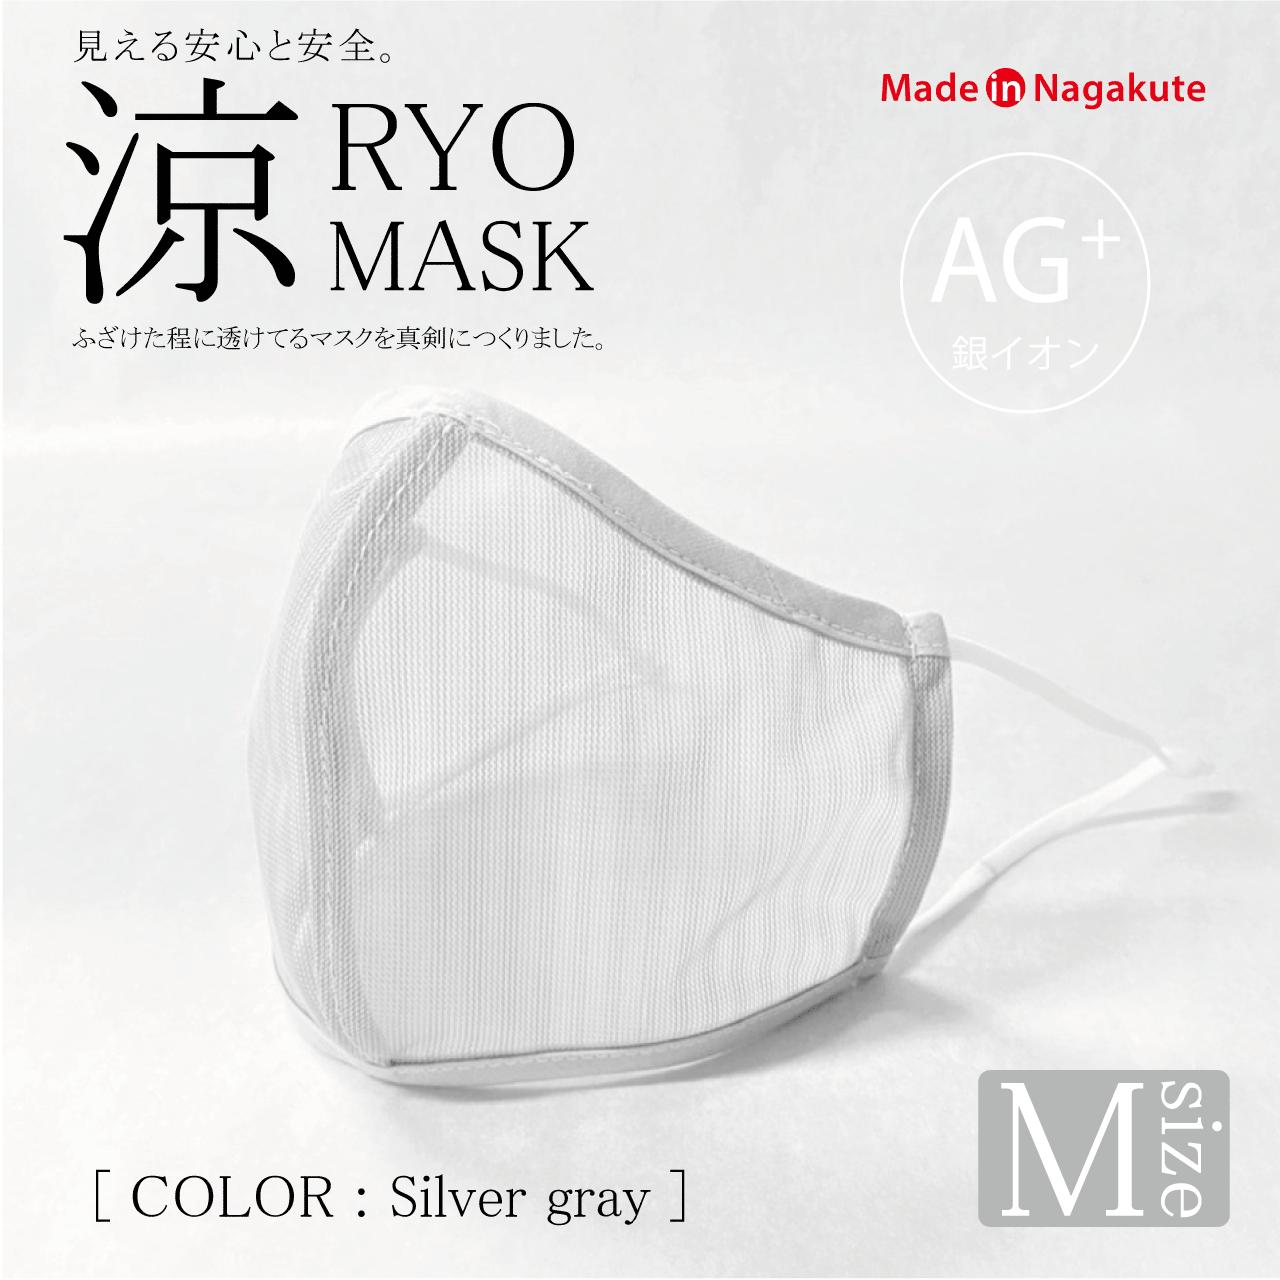 涼マスク / SILVER GRAY / Mサイズ / 高機能フィルター30枚付